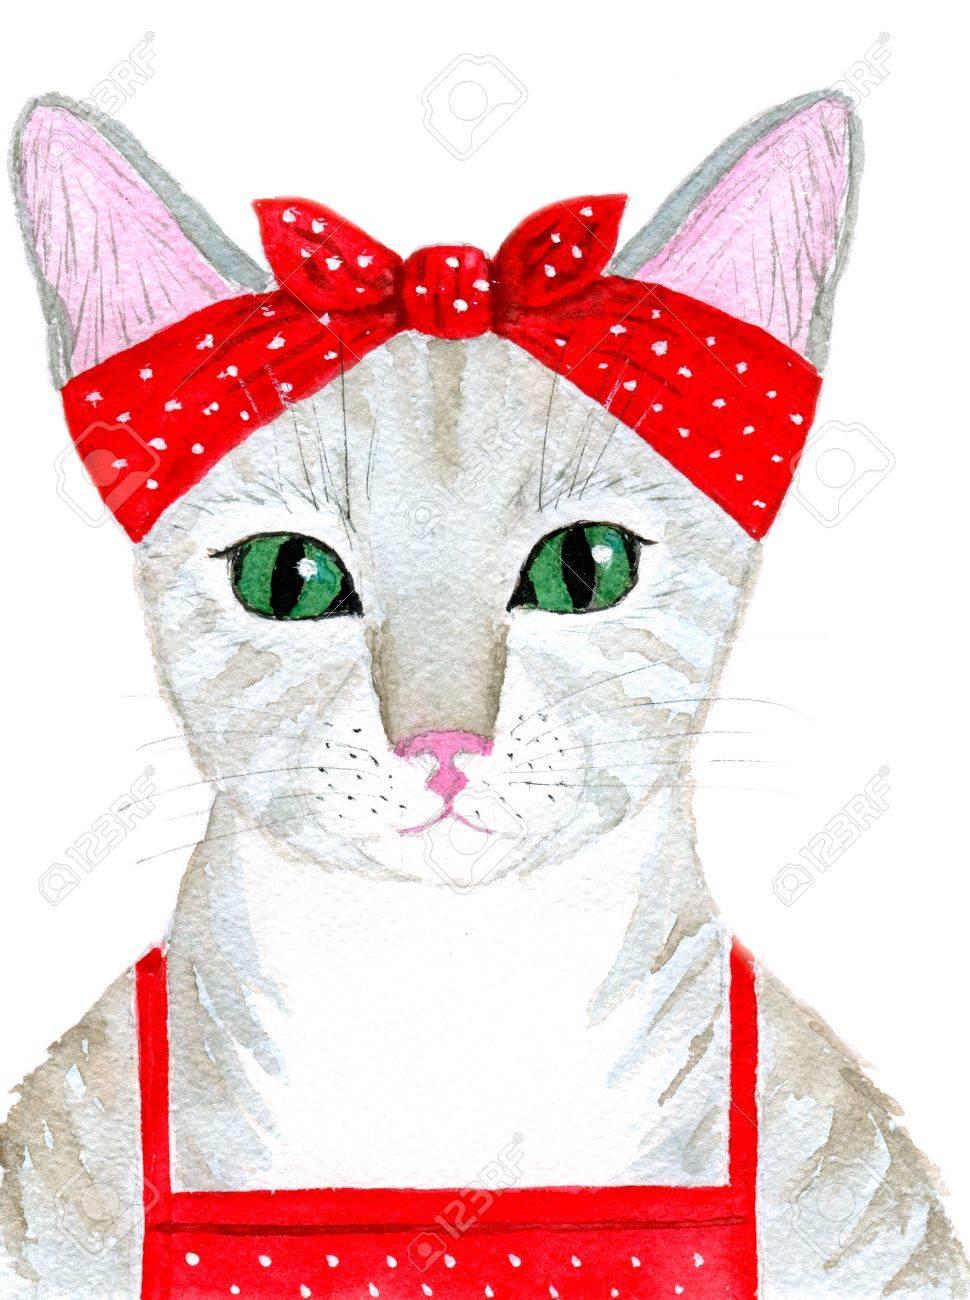 Portrait de la fille de chat hôtesse mignon habillé d\u0027un tablier et un  foulard. Carte de voeux ou d\u0027invitation pour la fête d\u0027anniversaire ou  toute